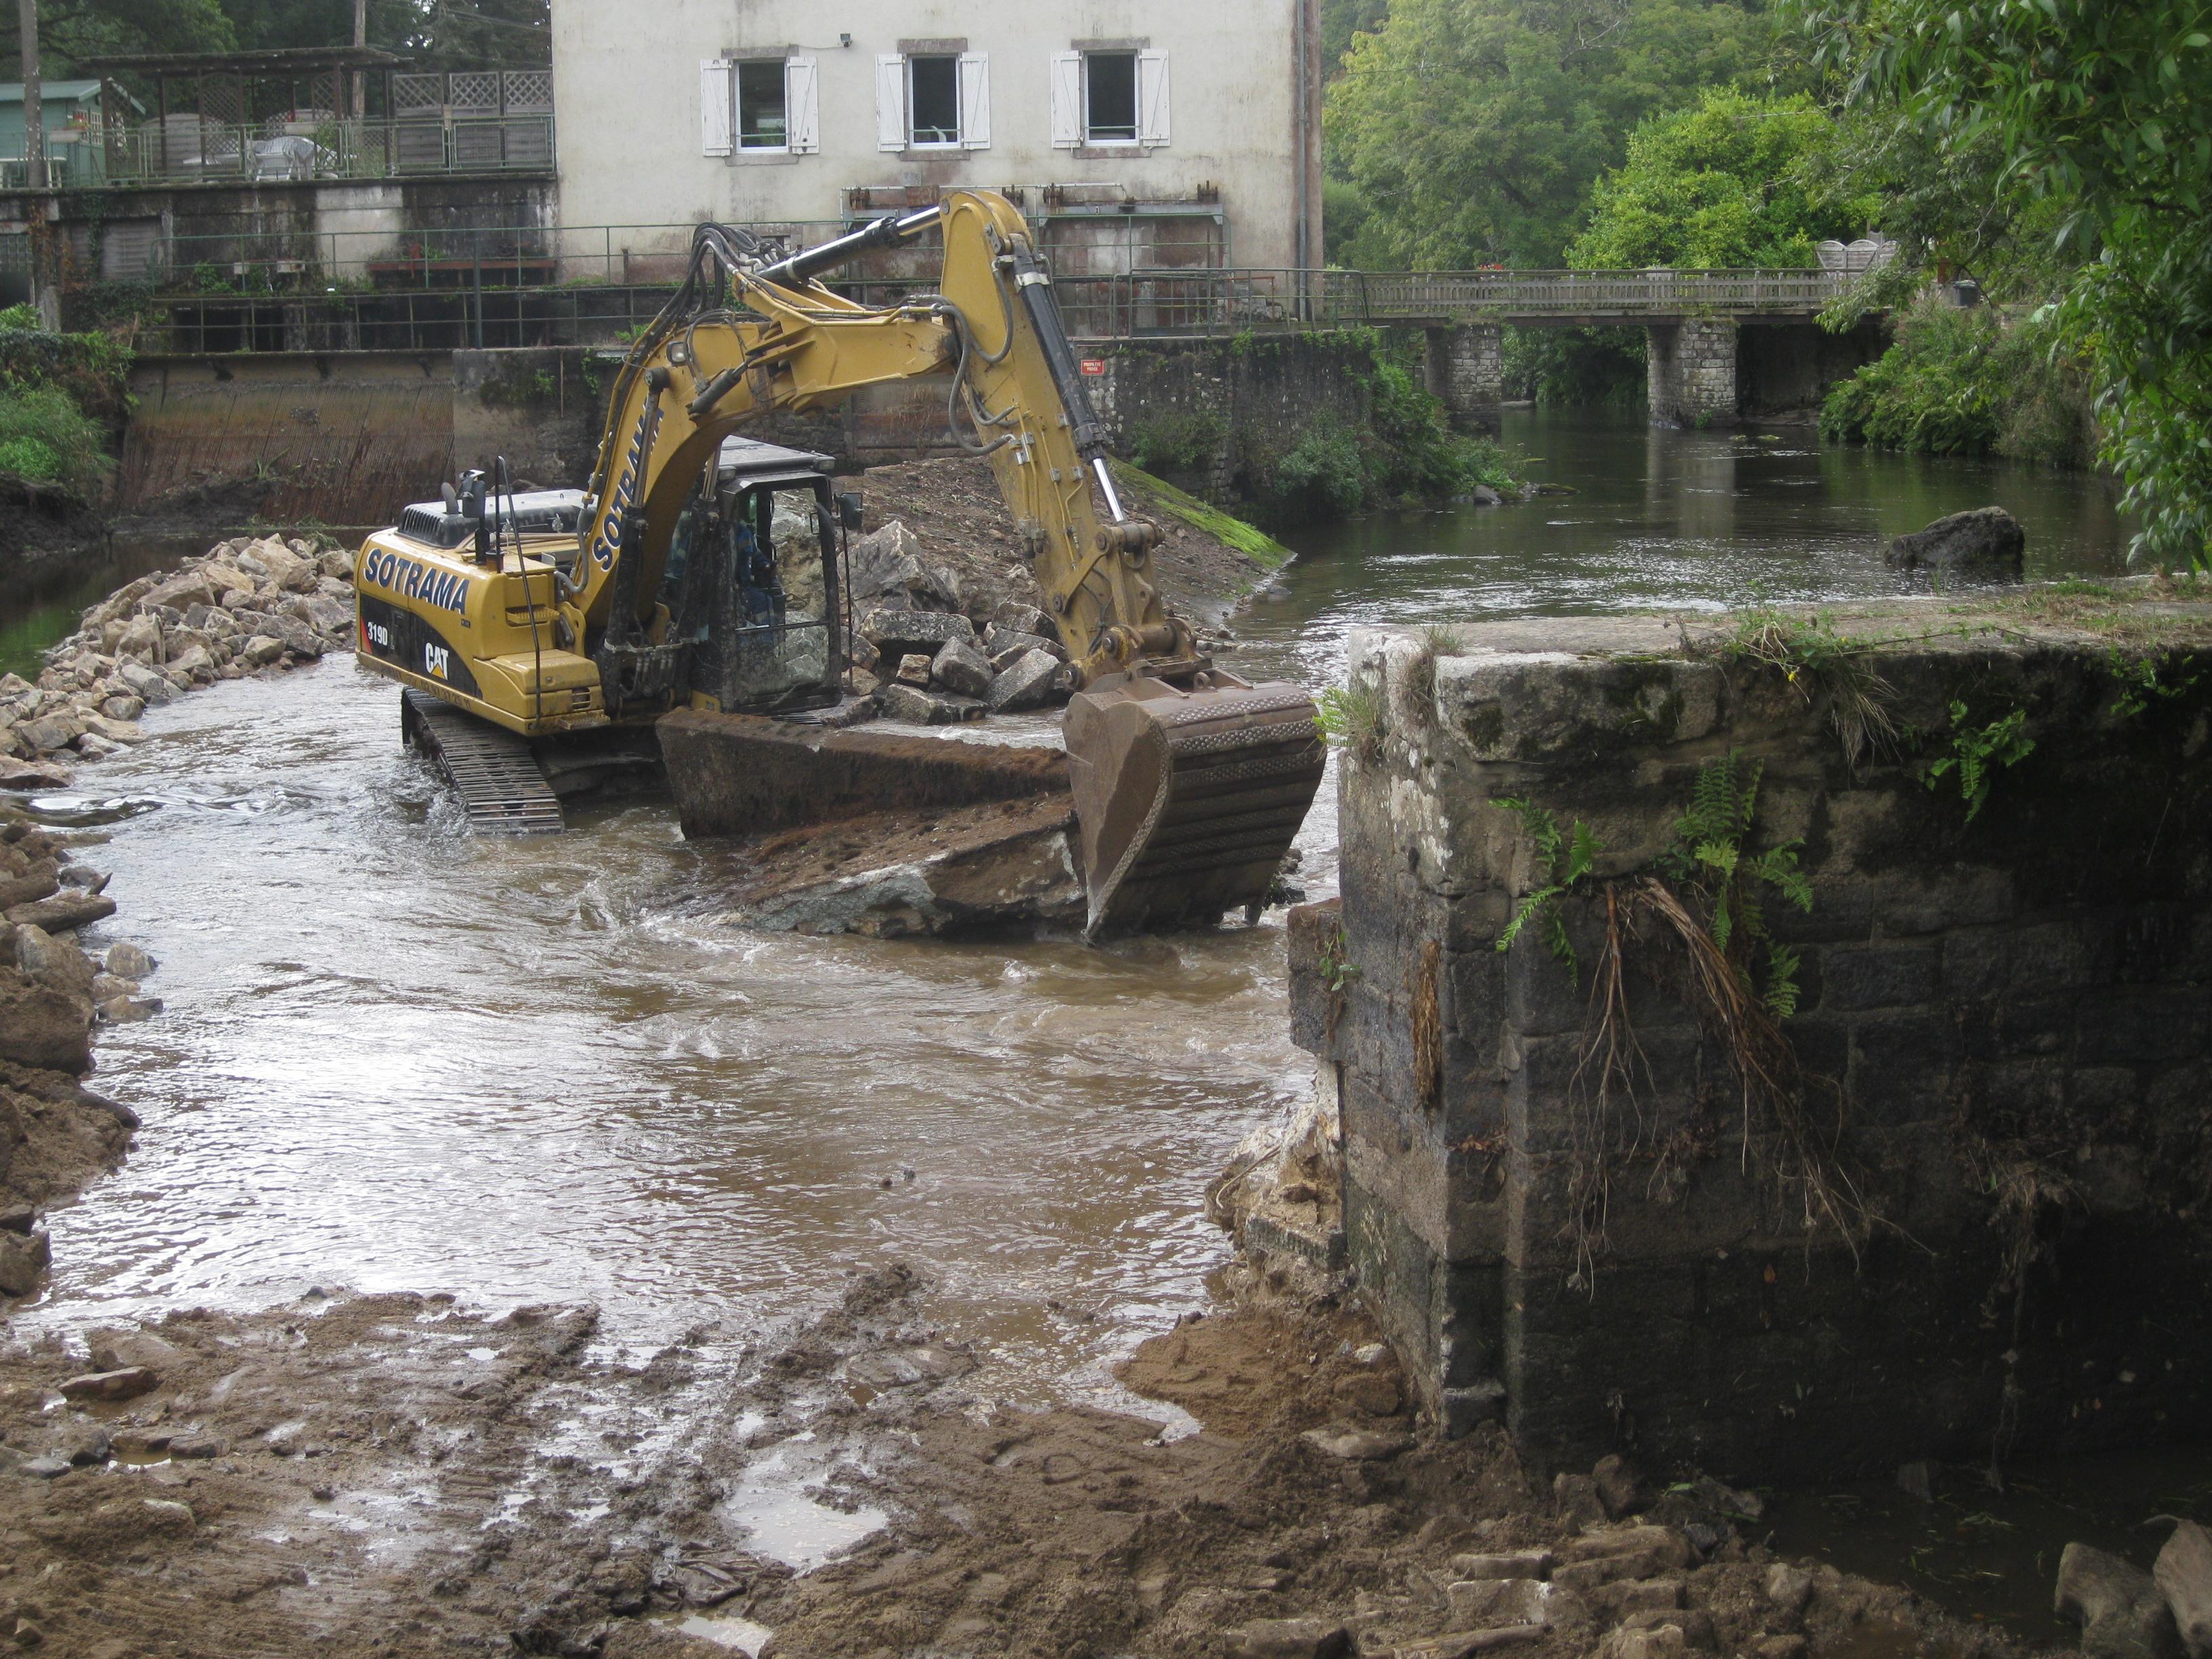 """le document d'incidence l'affirme:""""aucune pelle dans le cours d'eau"""" ; et l'arrêté préfectoral interdit tout engin mécanique dans le cours d'eau"""